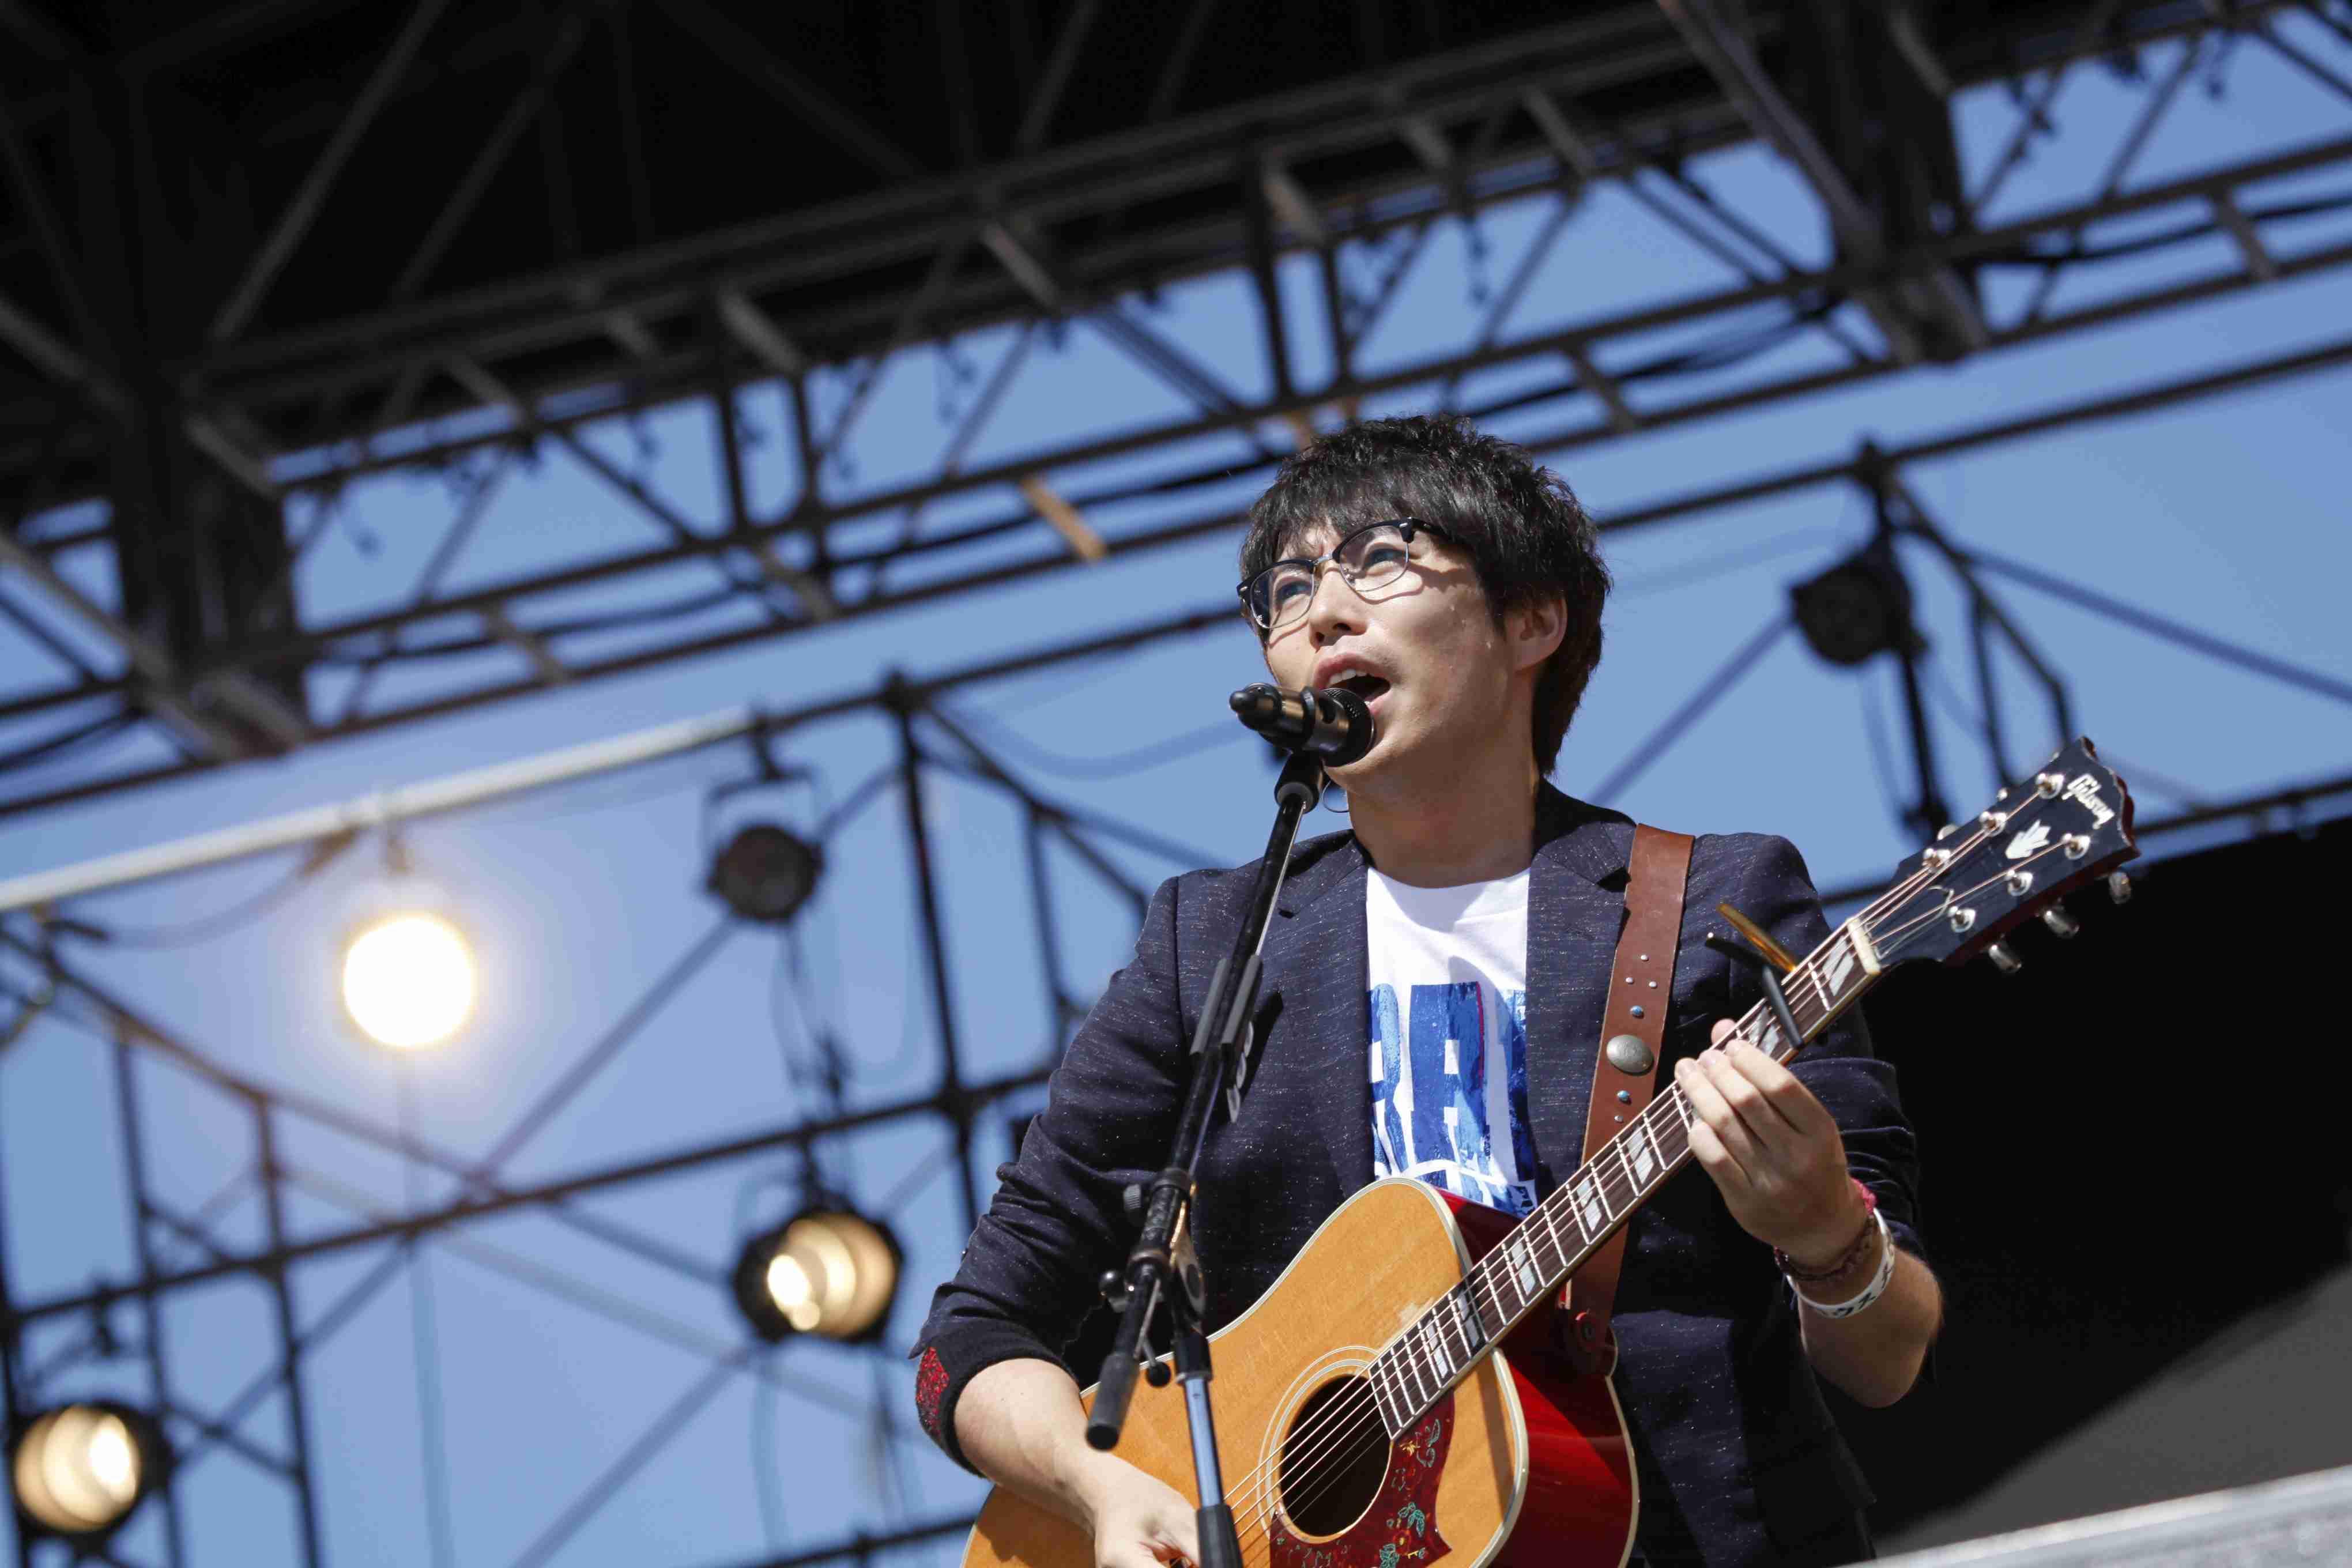 高橋優『秋田CARAVAN MUSIC FES 2016』